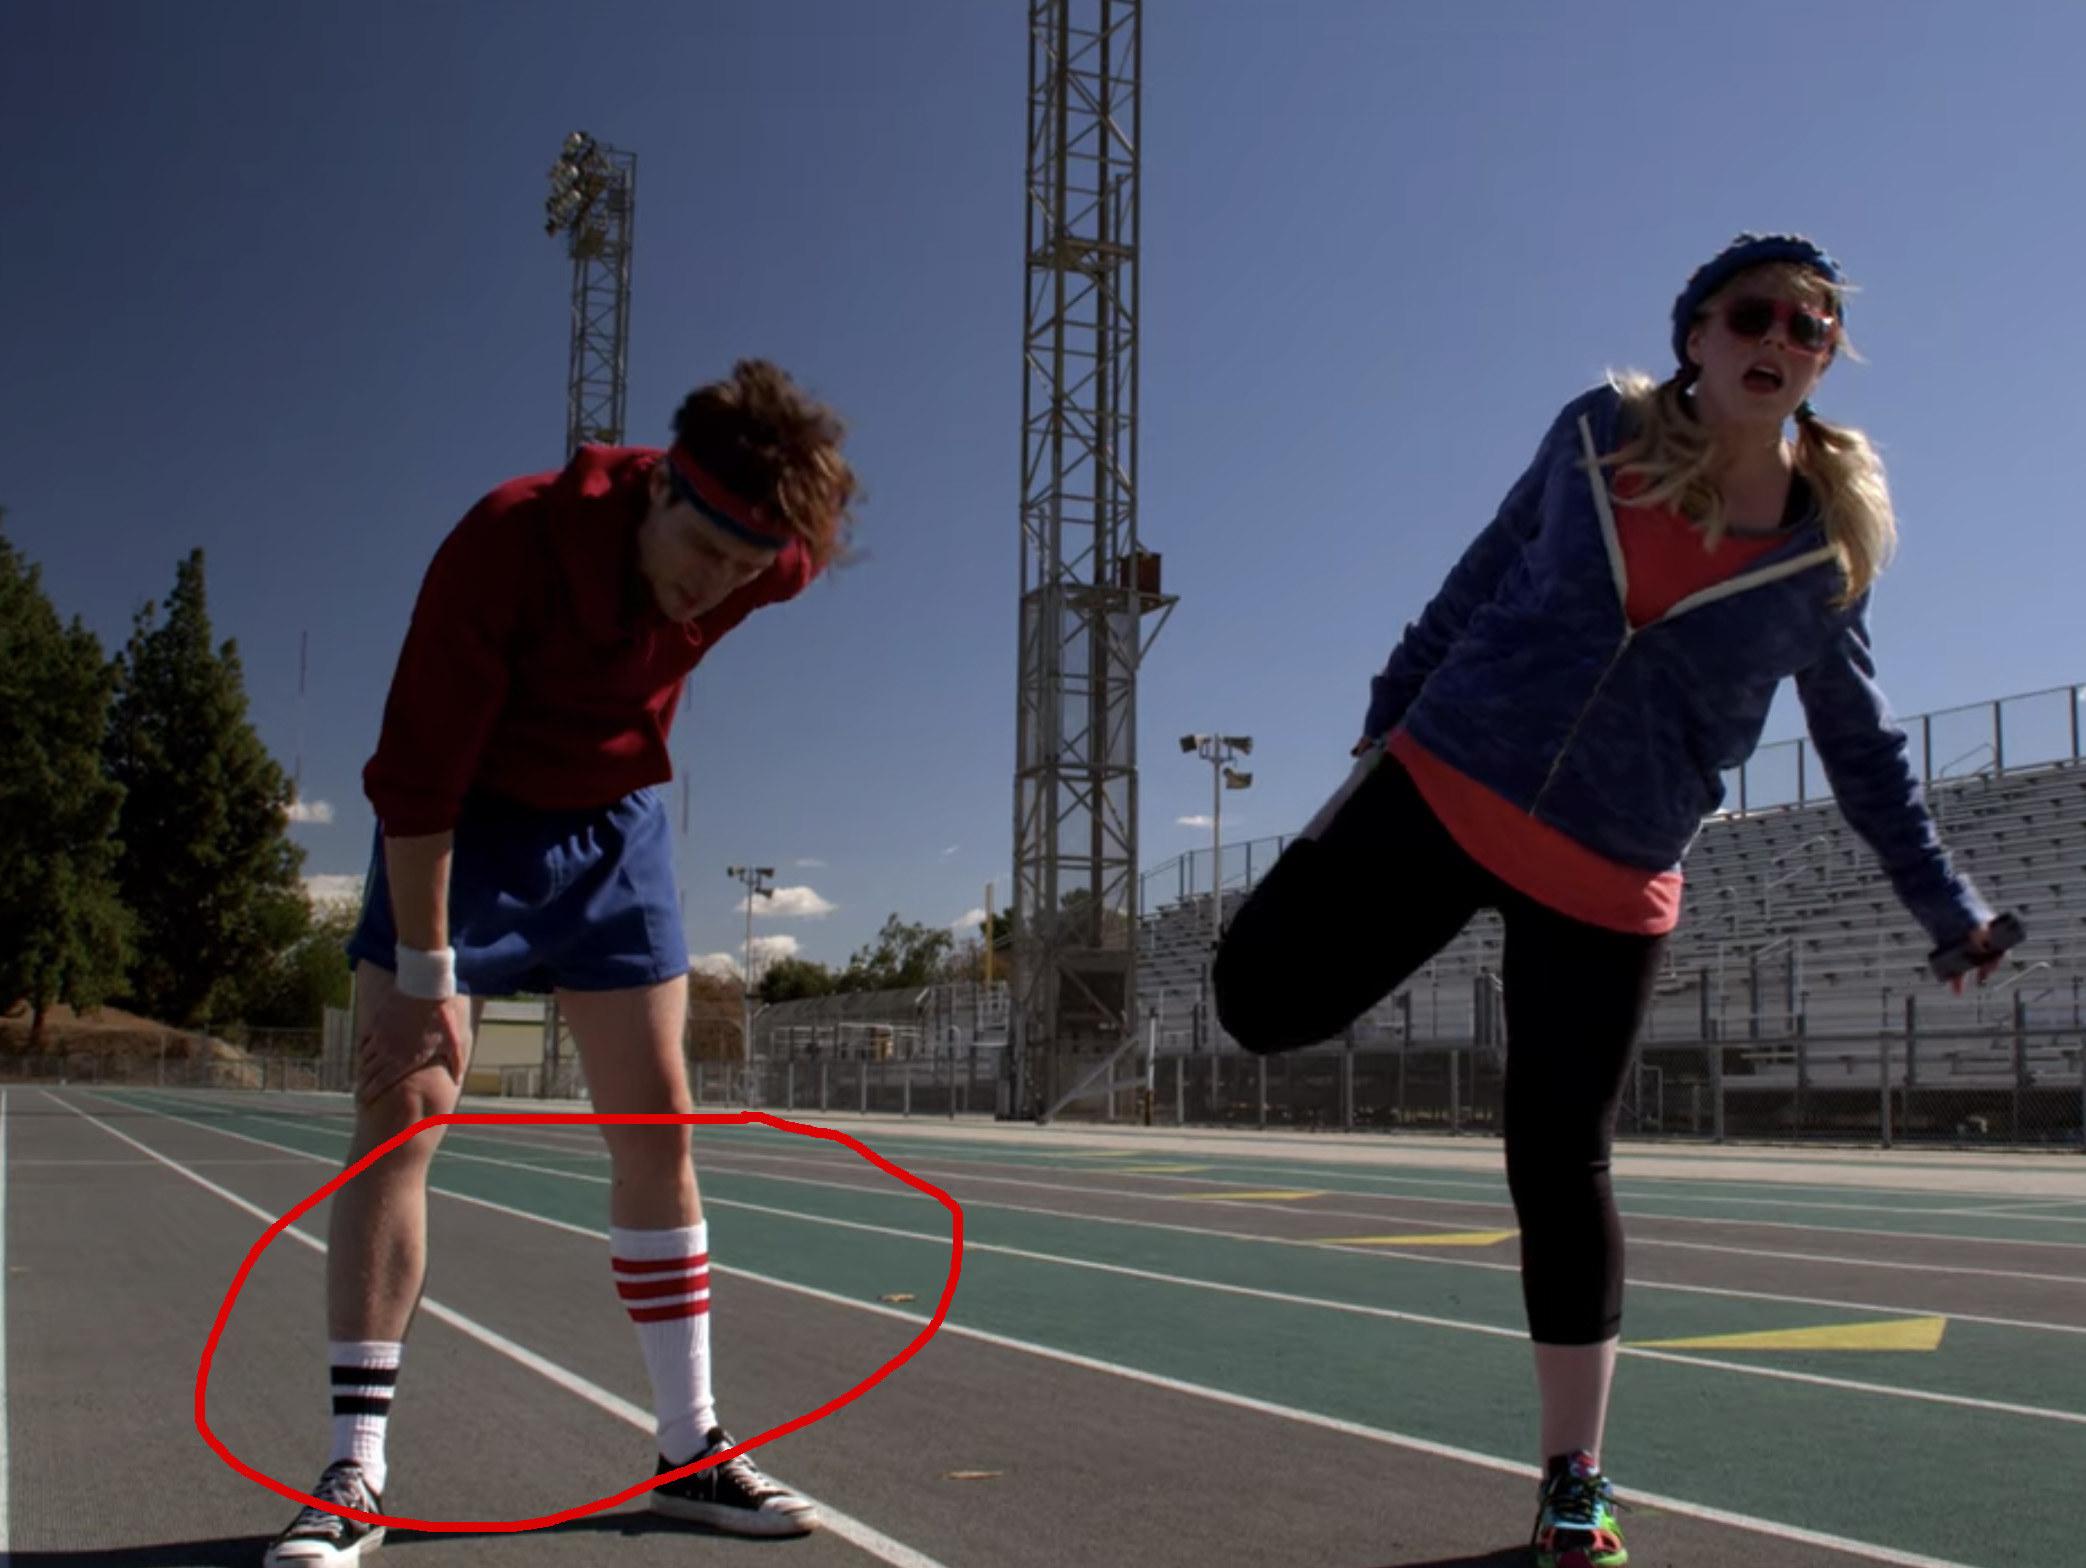 Dr. Reid wearing mismatching socks on a track field